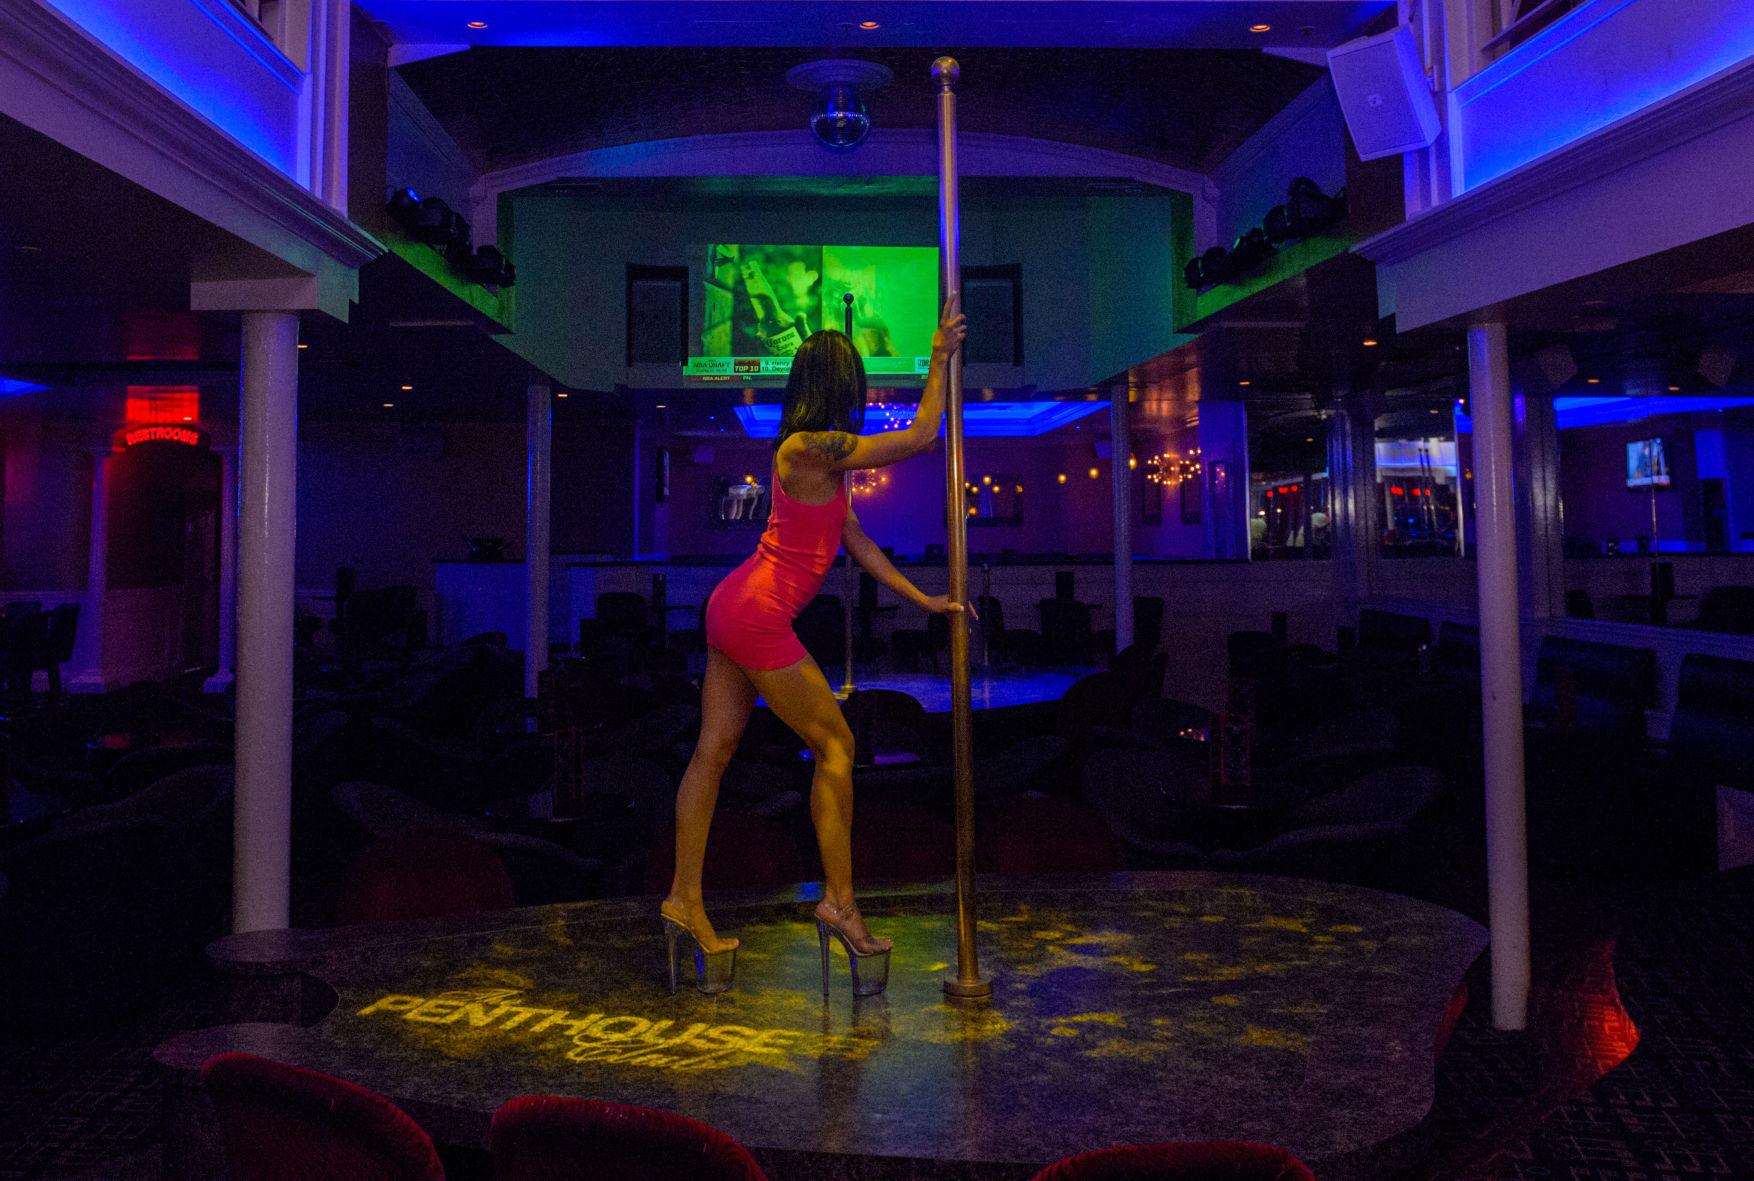 Black strip clubs